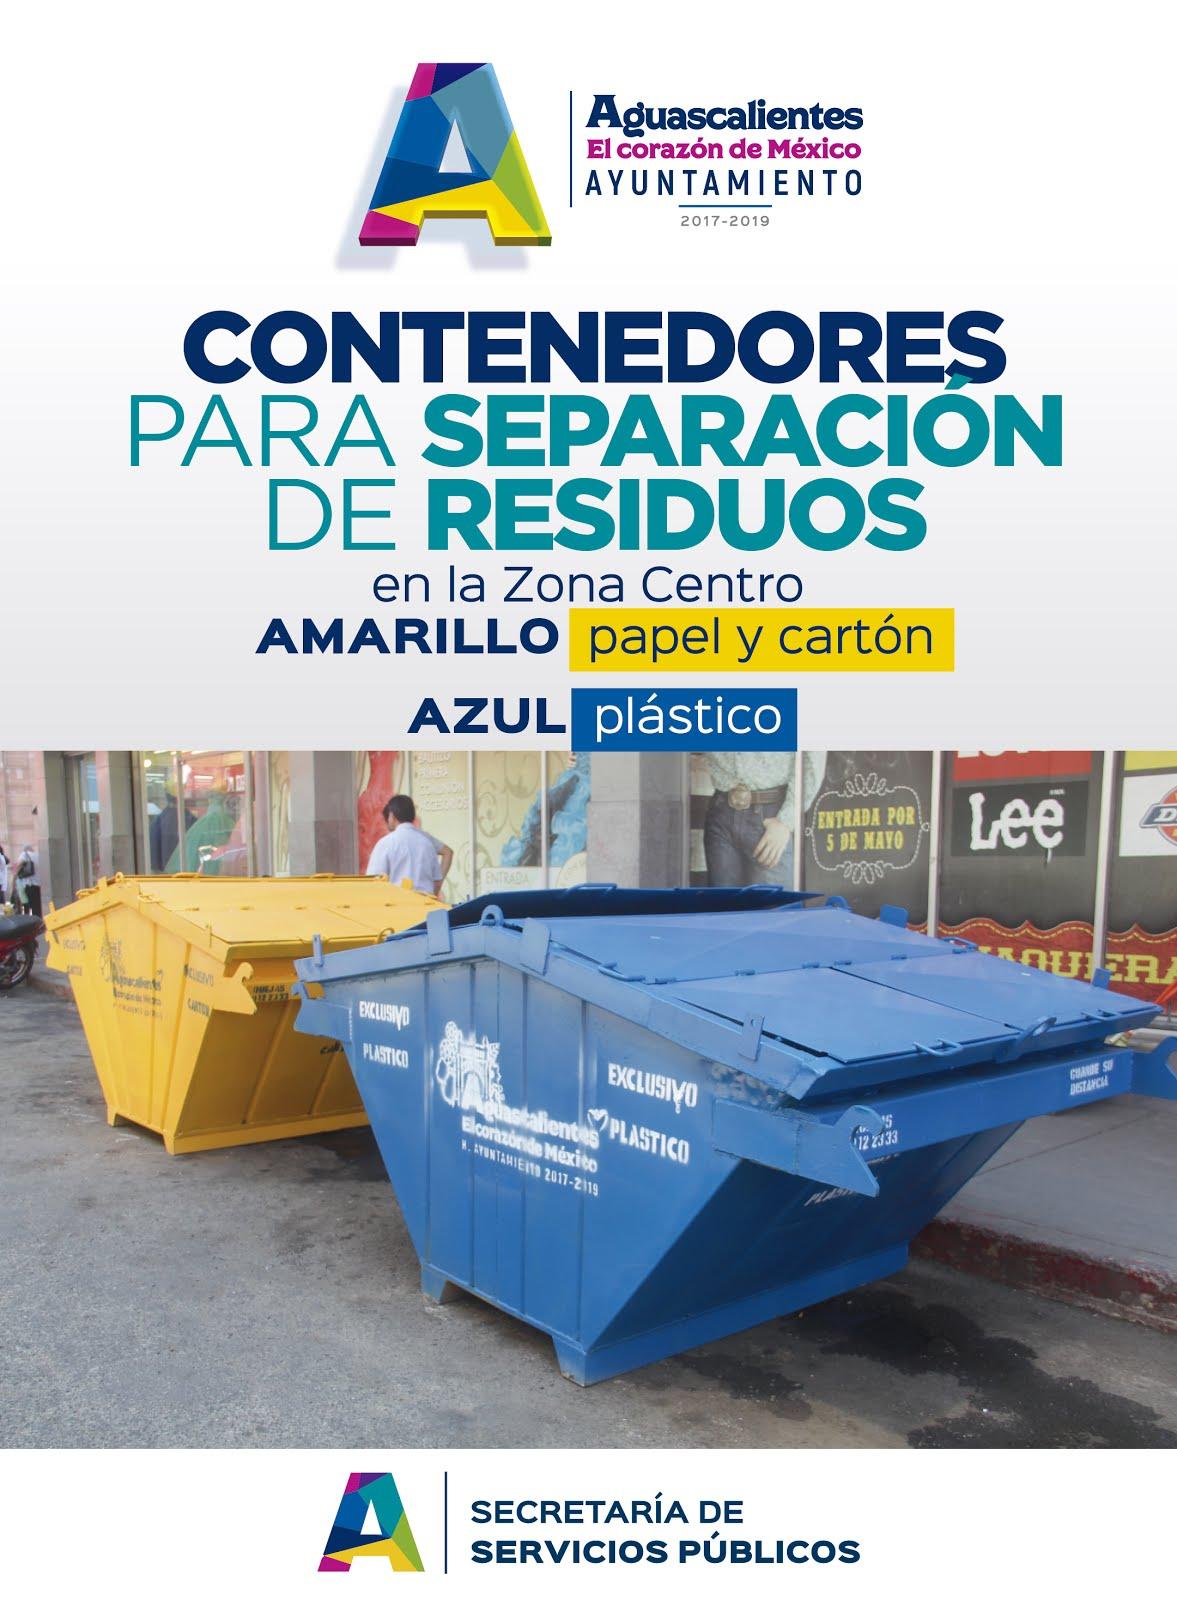 Ayuntamiento de Aguascalientes